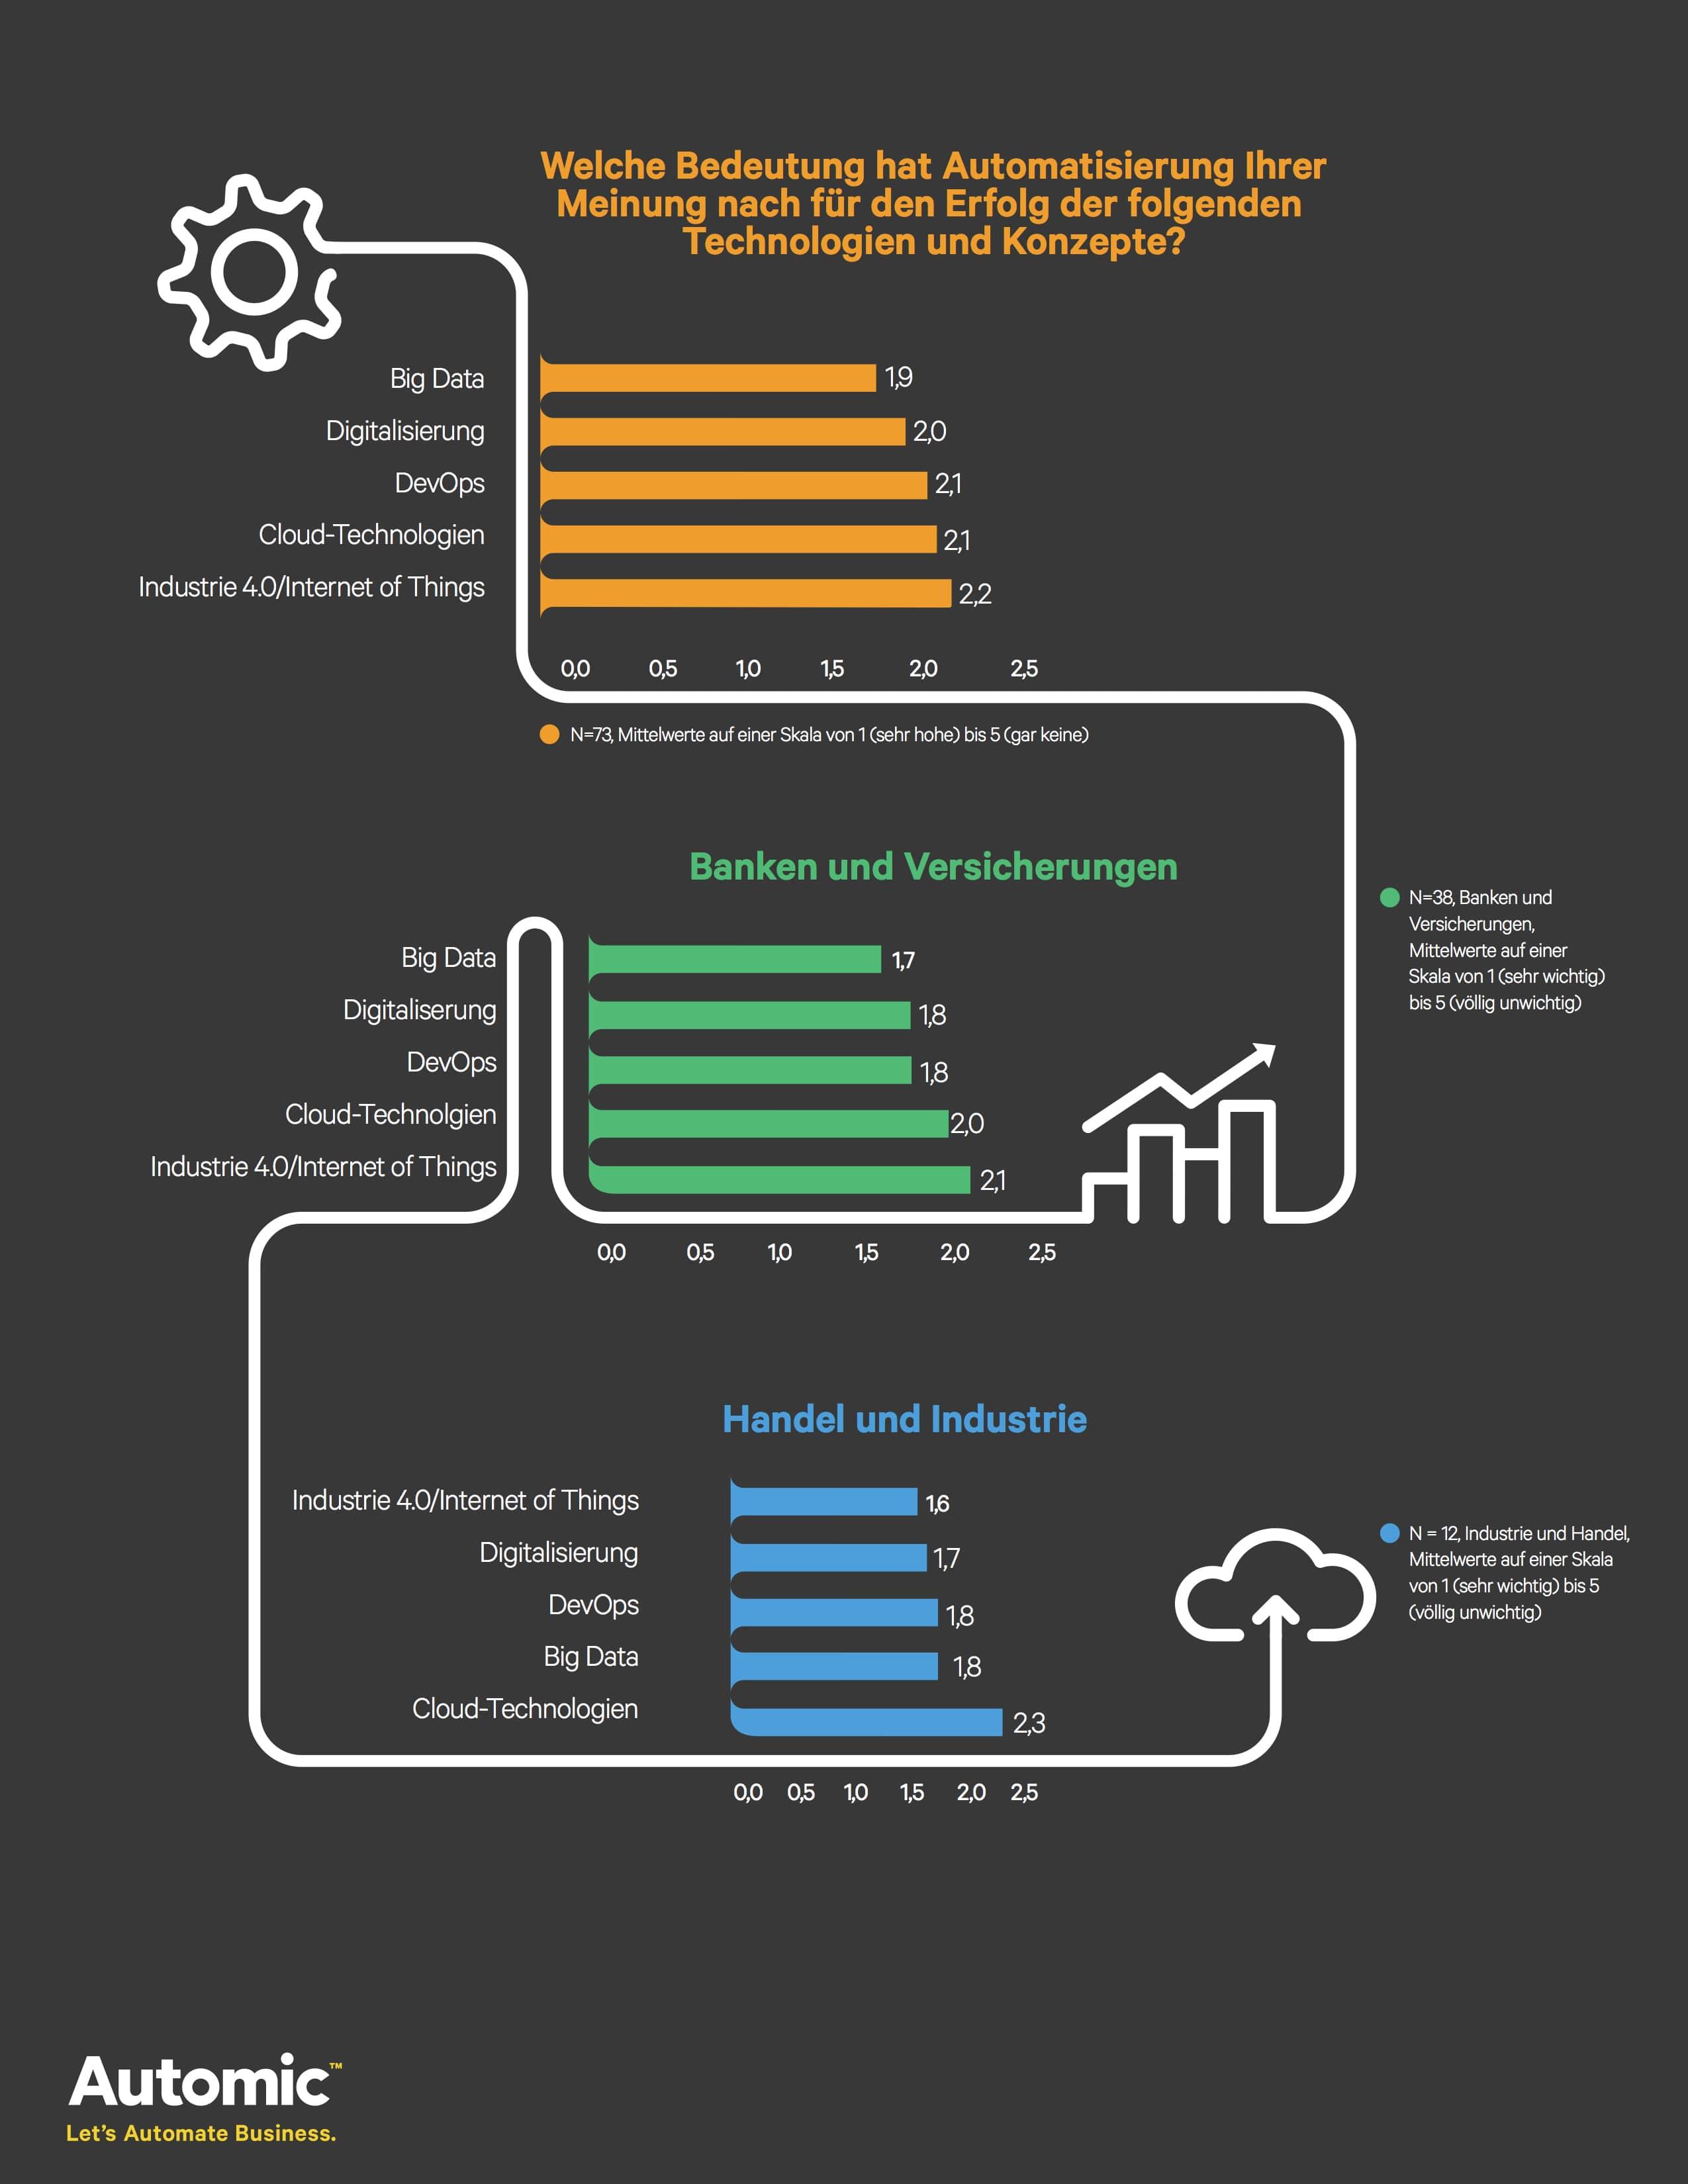 Photo of Umfrage von Automic: Automatisierung treibt Big Data und Digitalisierung voran